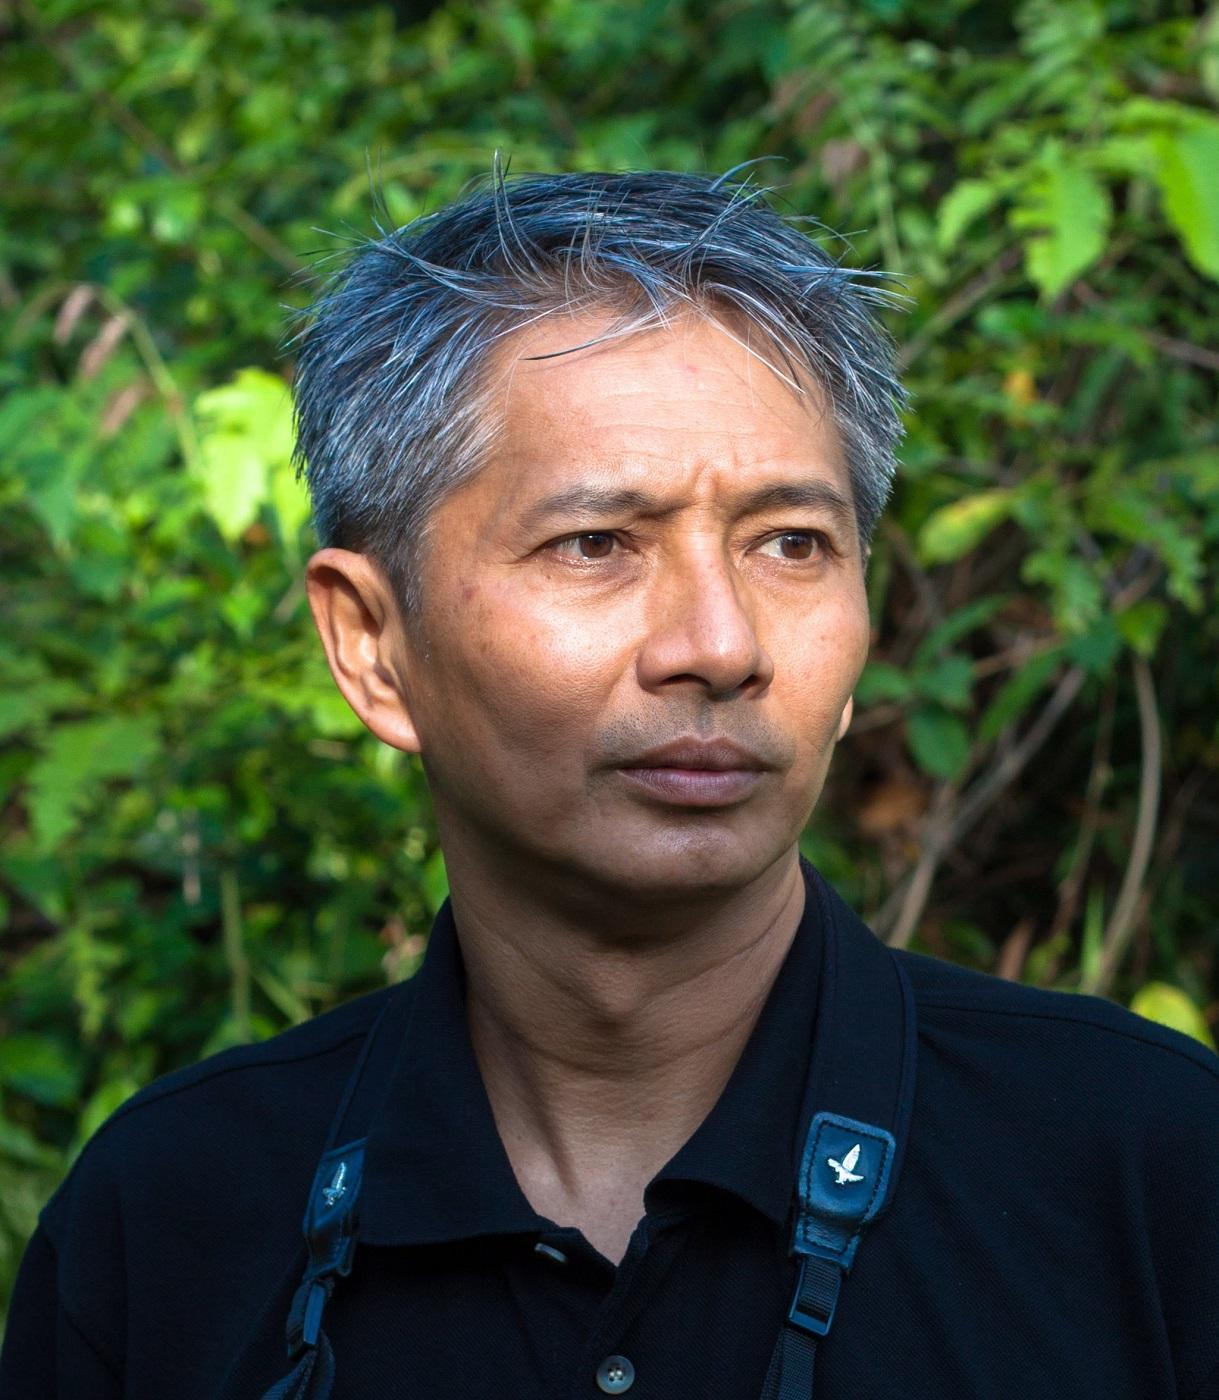 Avatar for Melvin Gumal